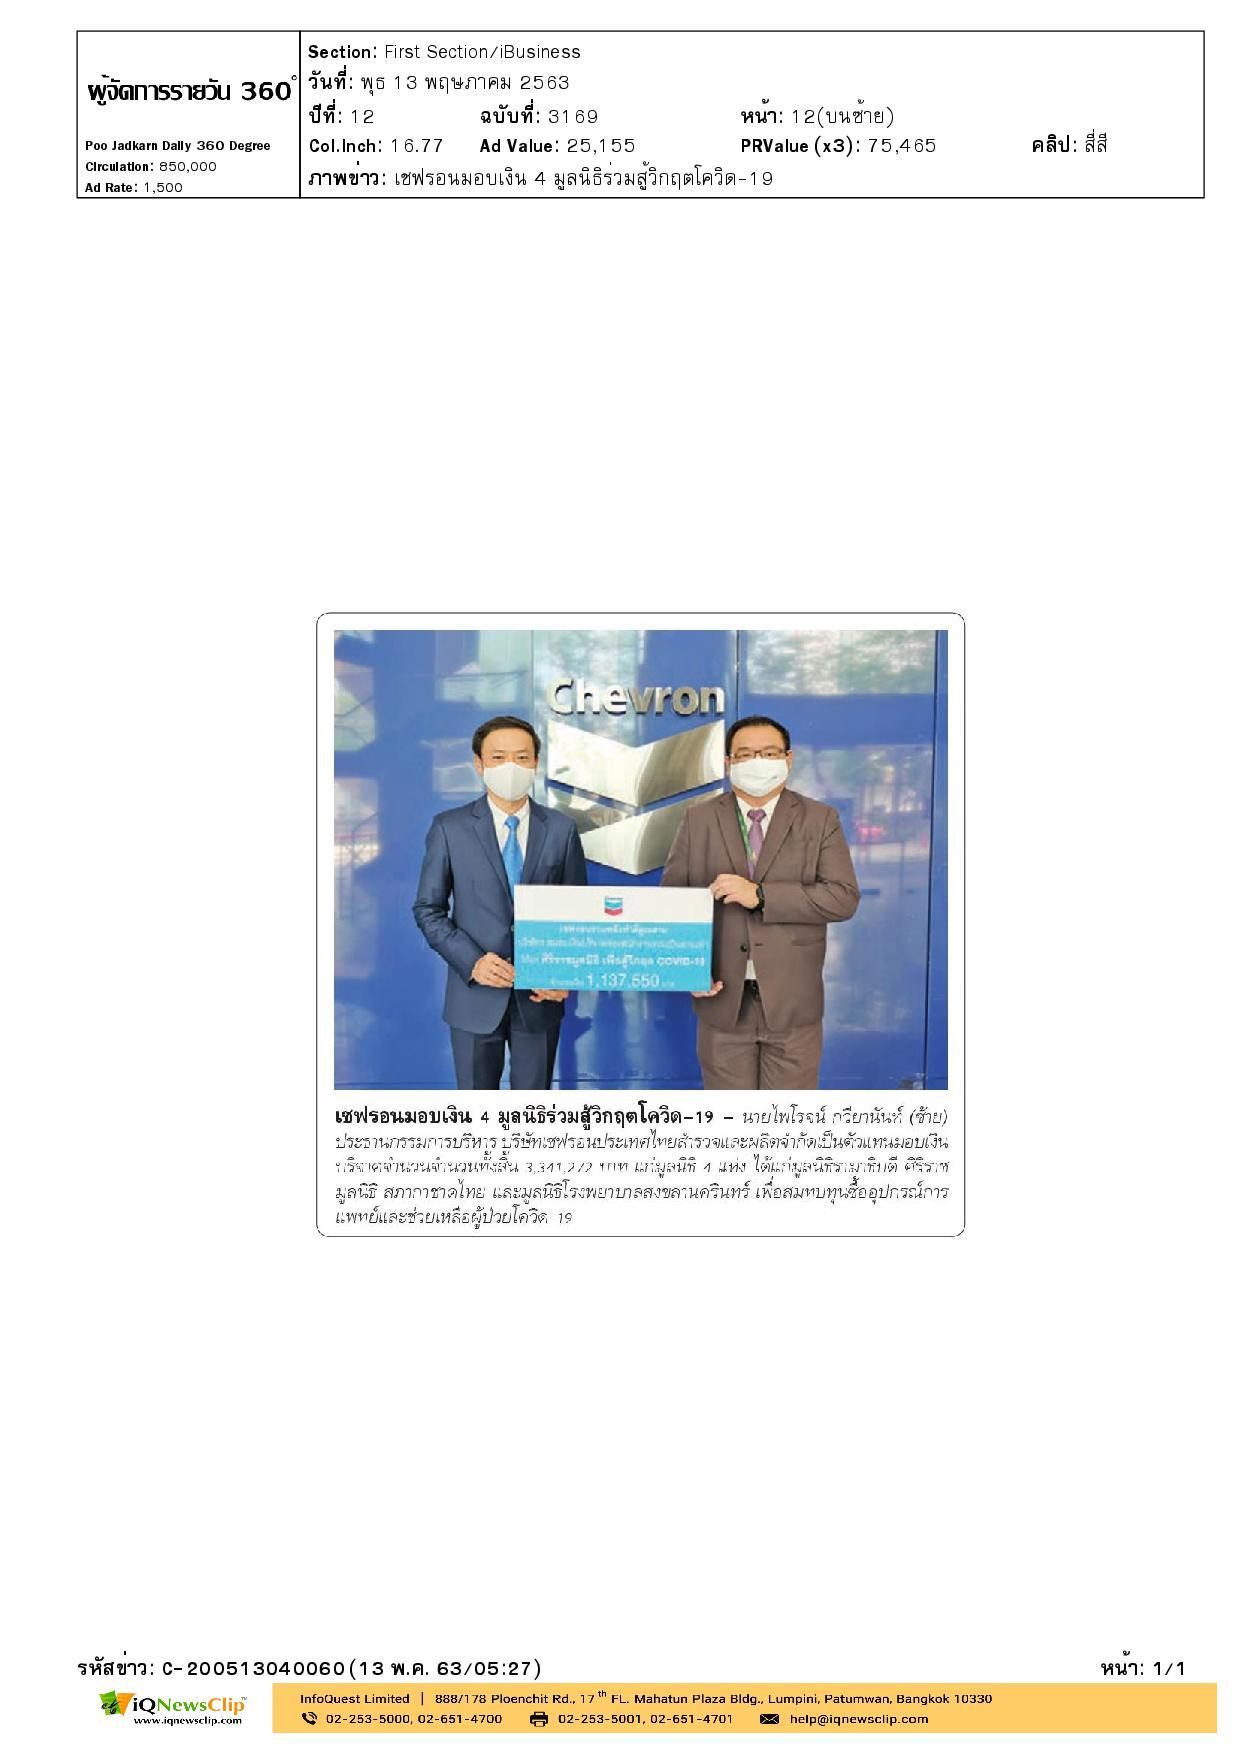 เซฟรอนประเทศไทย มอบเงินบริจาค ให้แก่ สภากาชาดไทย